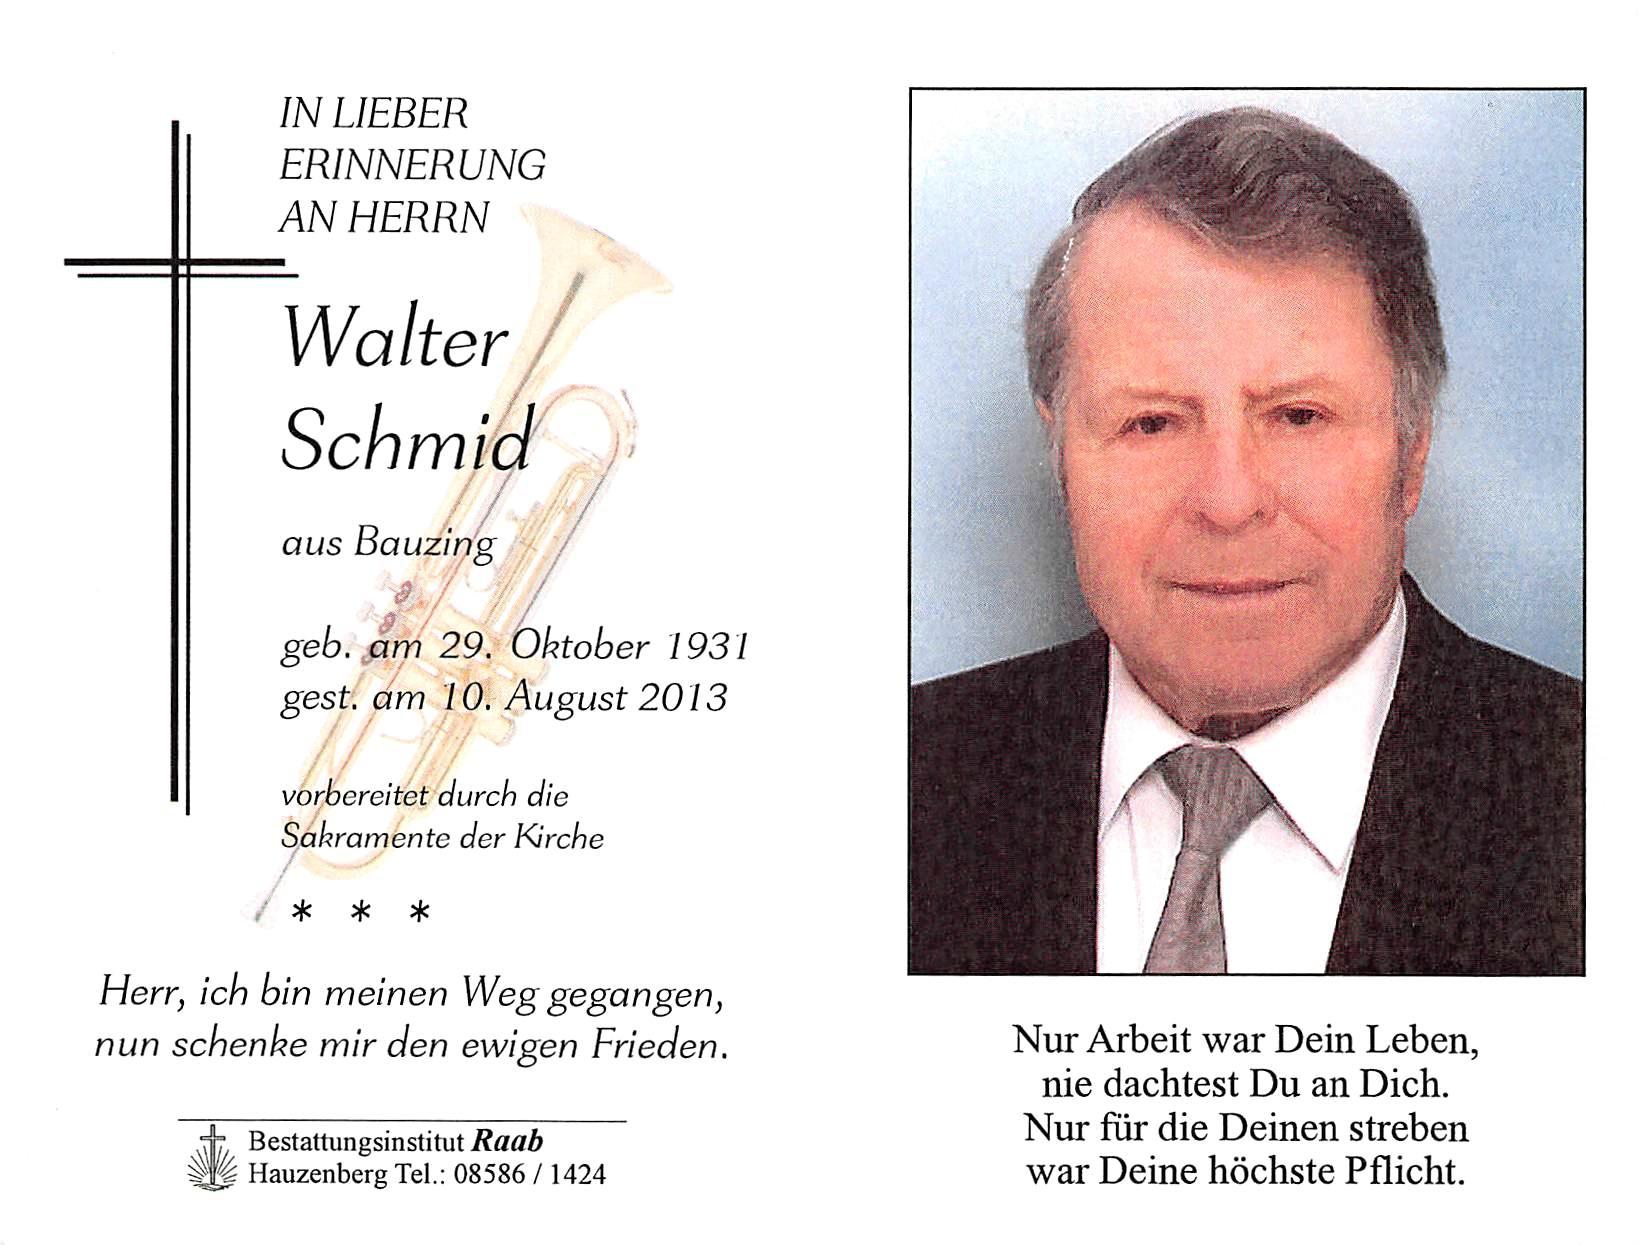 2013-08-10-Schmid-Walter-Bauzing-Steinhauer